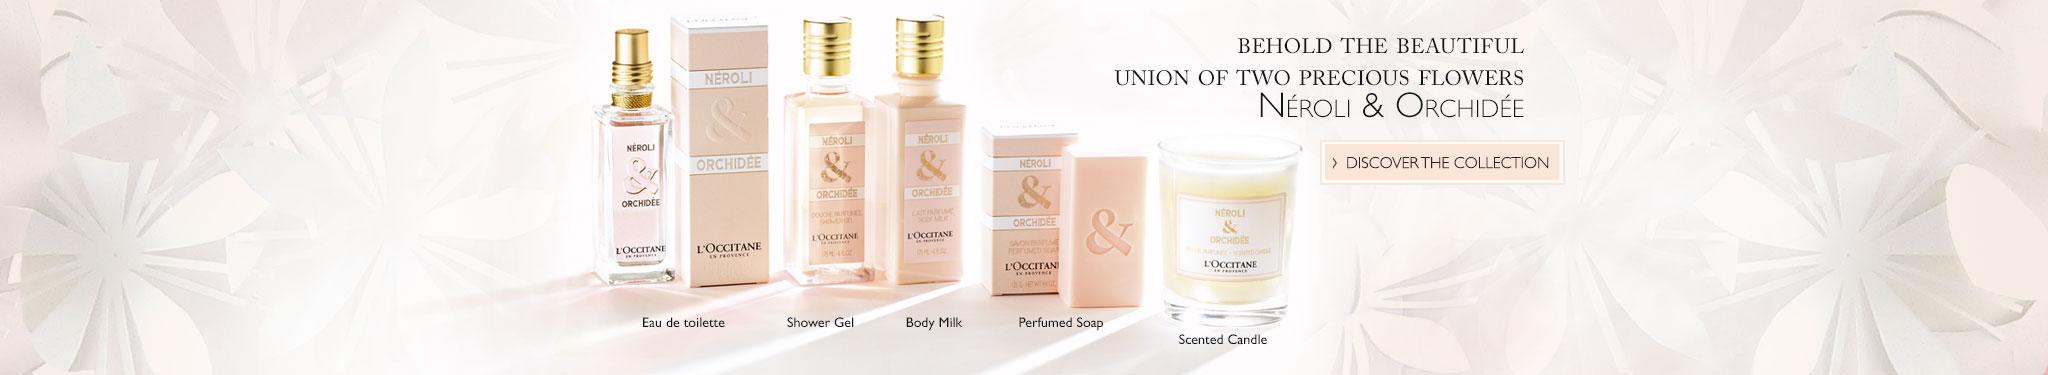 New Fragrance!